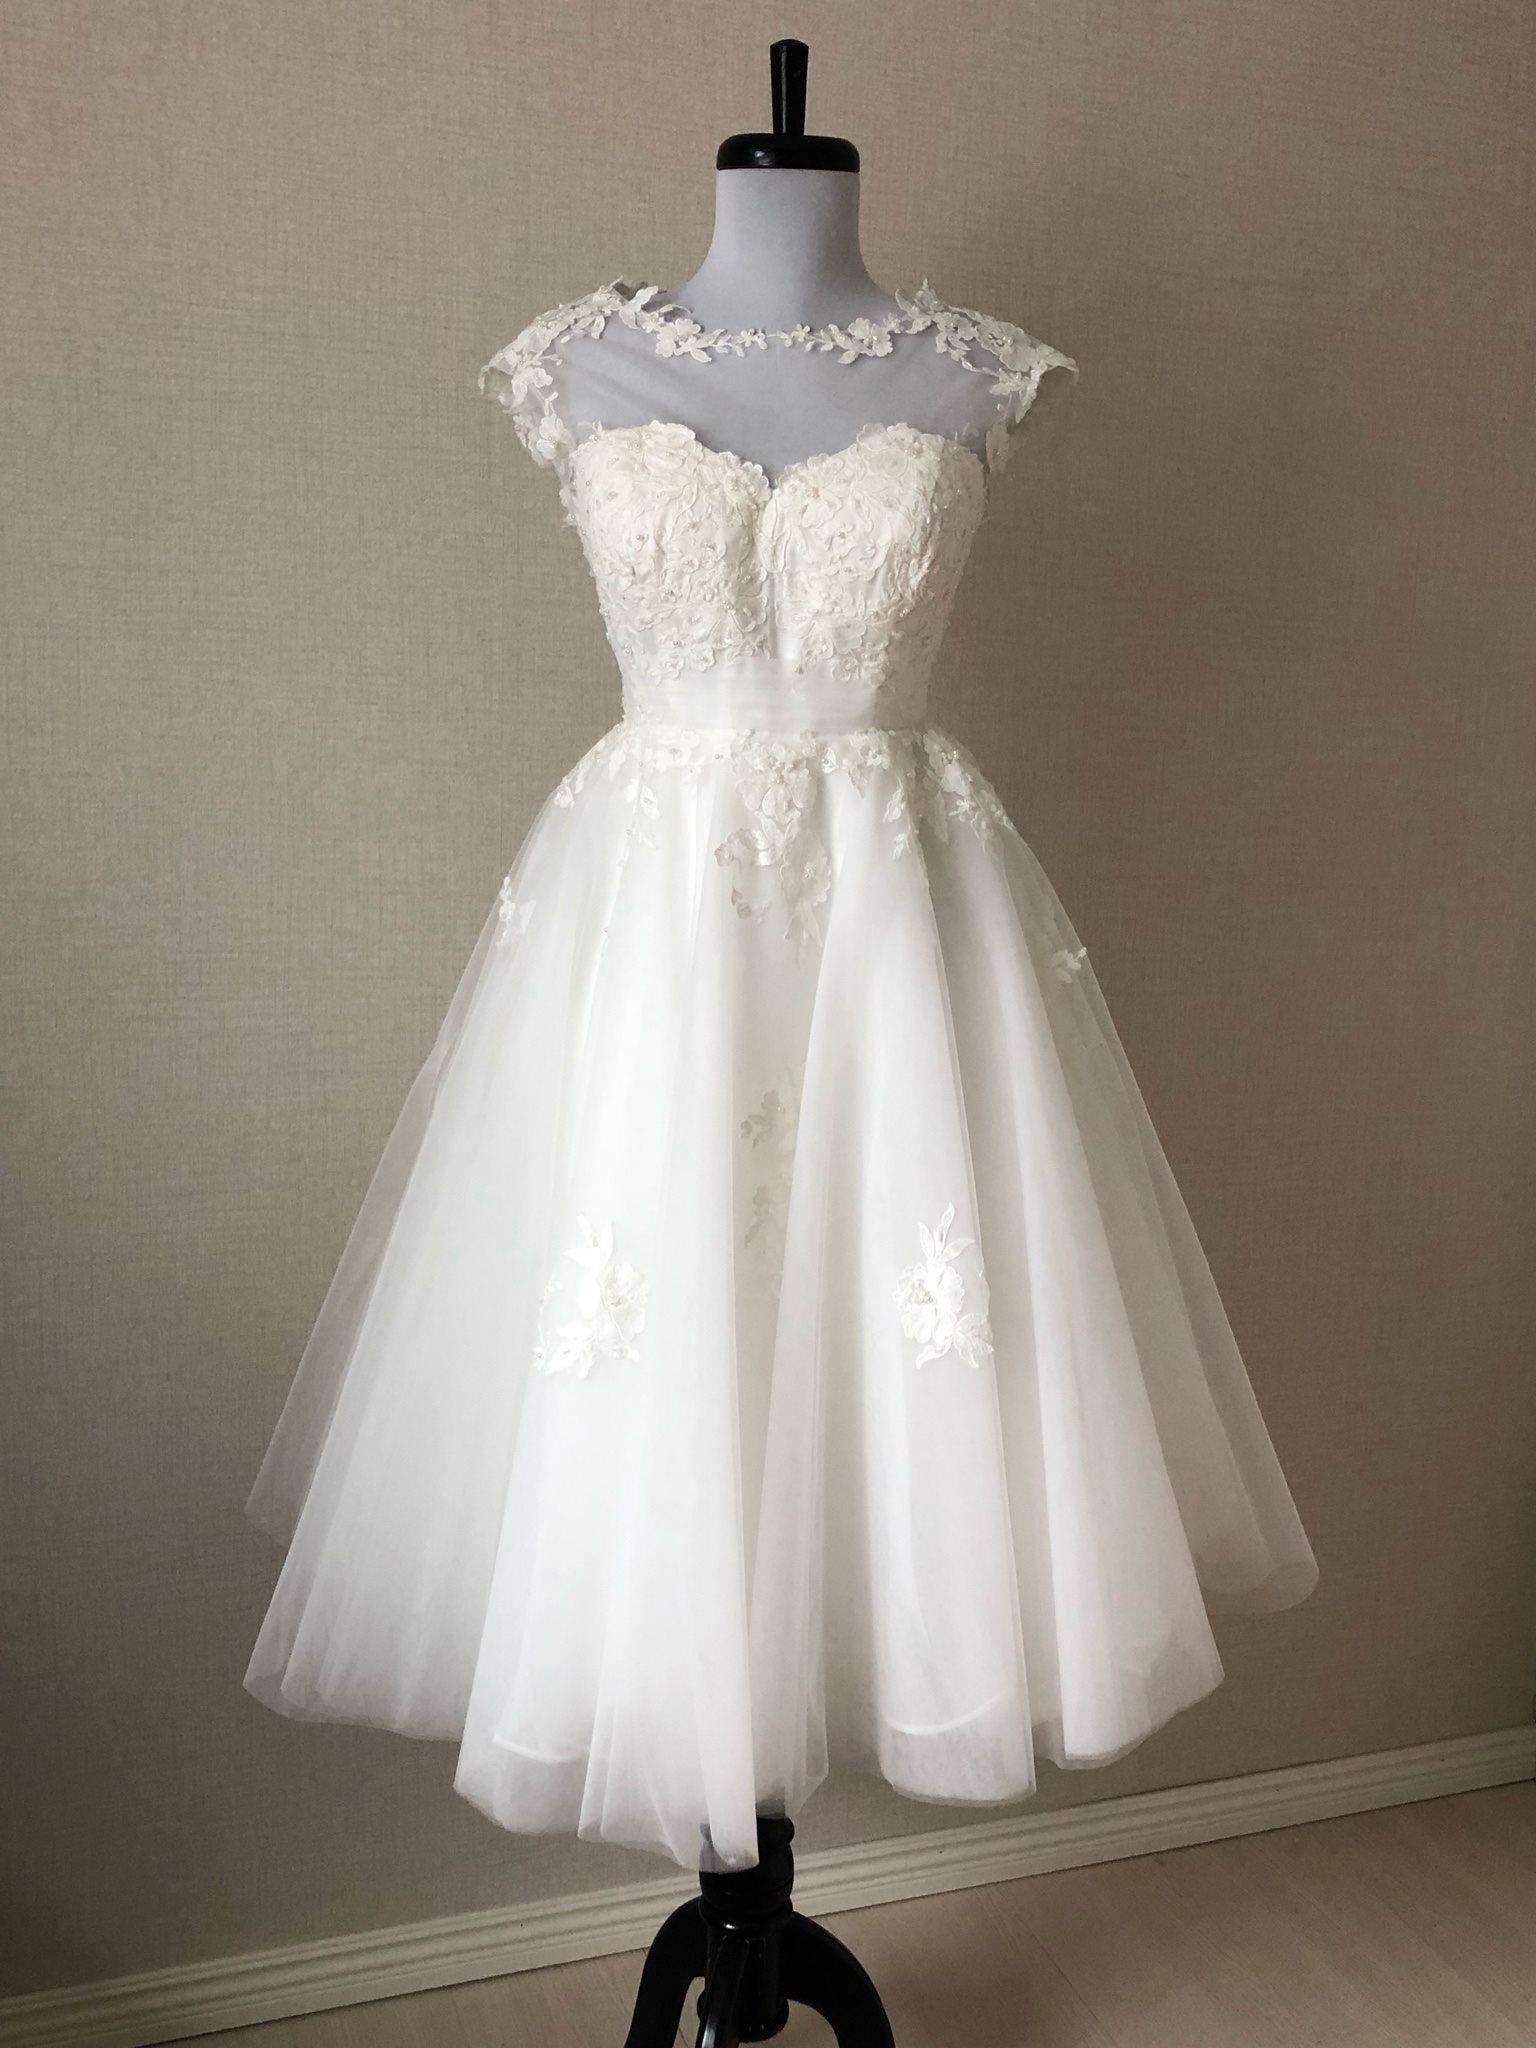 Bröllopsklänning 0dbd9c820b5d3